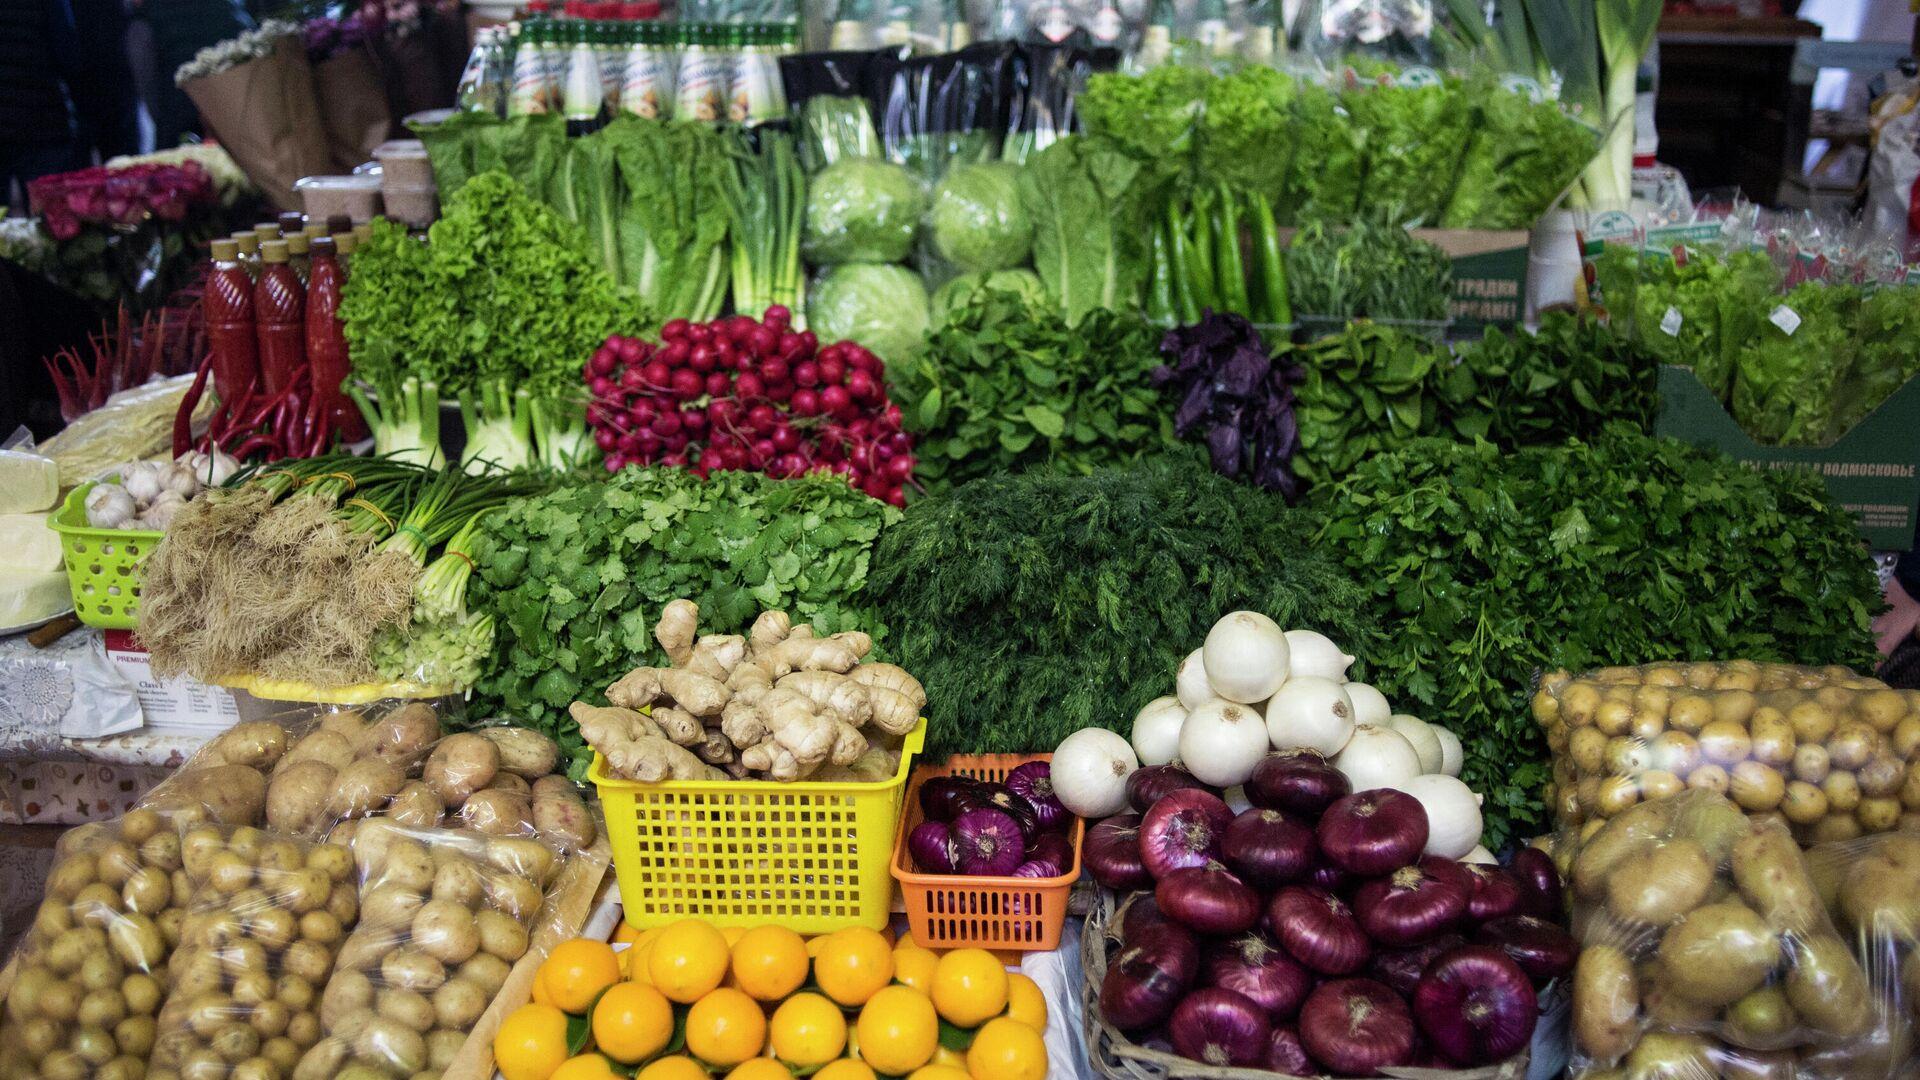 Прилавок с овощами на Даниловском рынке в Москве - РИА Новости, 1920, 07.10.2020